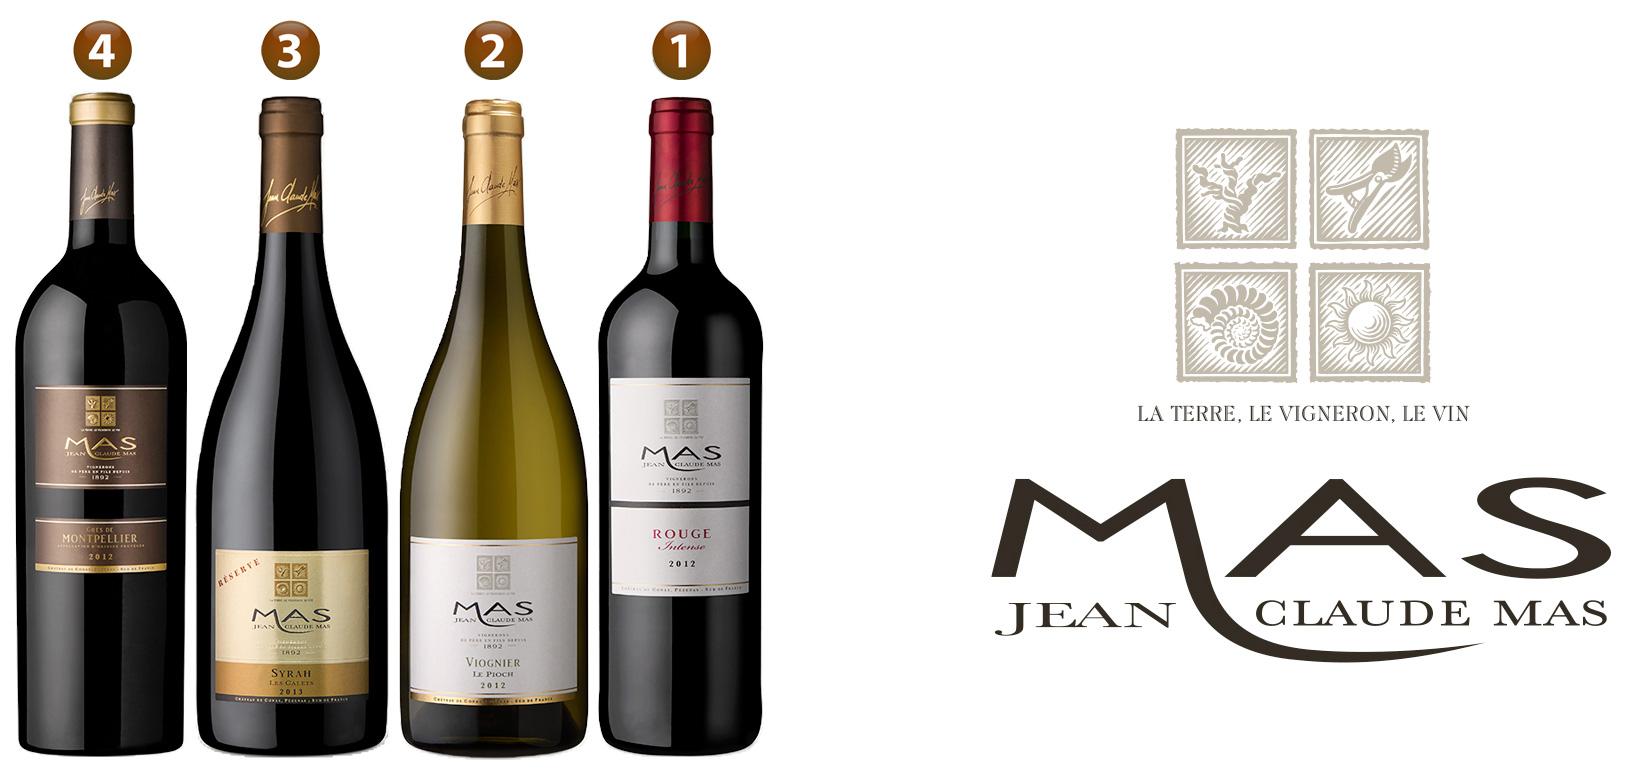 Les vins Jean Claude Mas